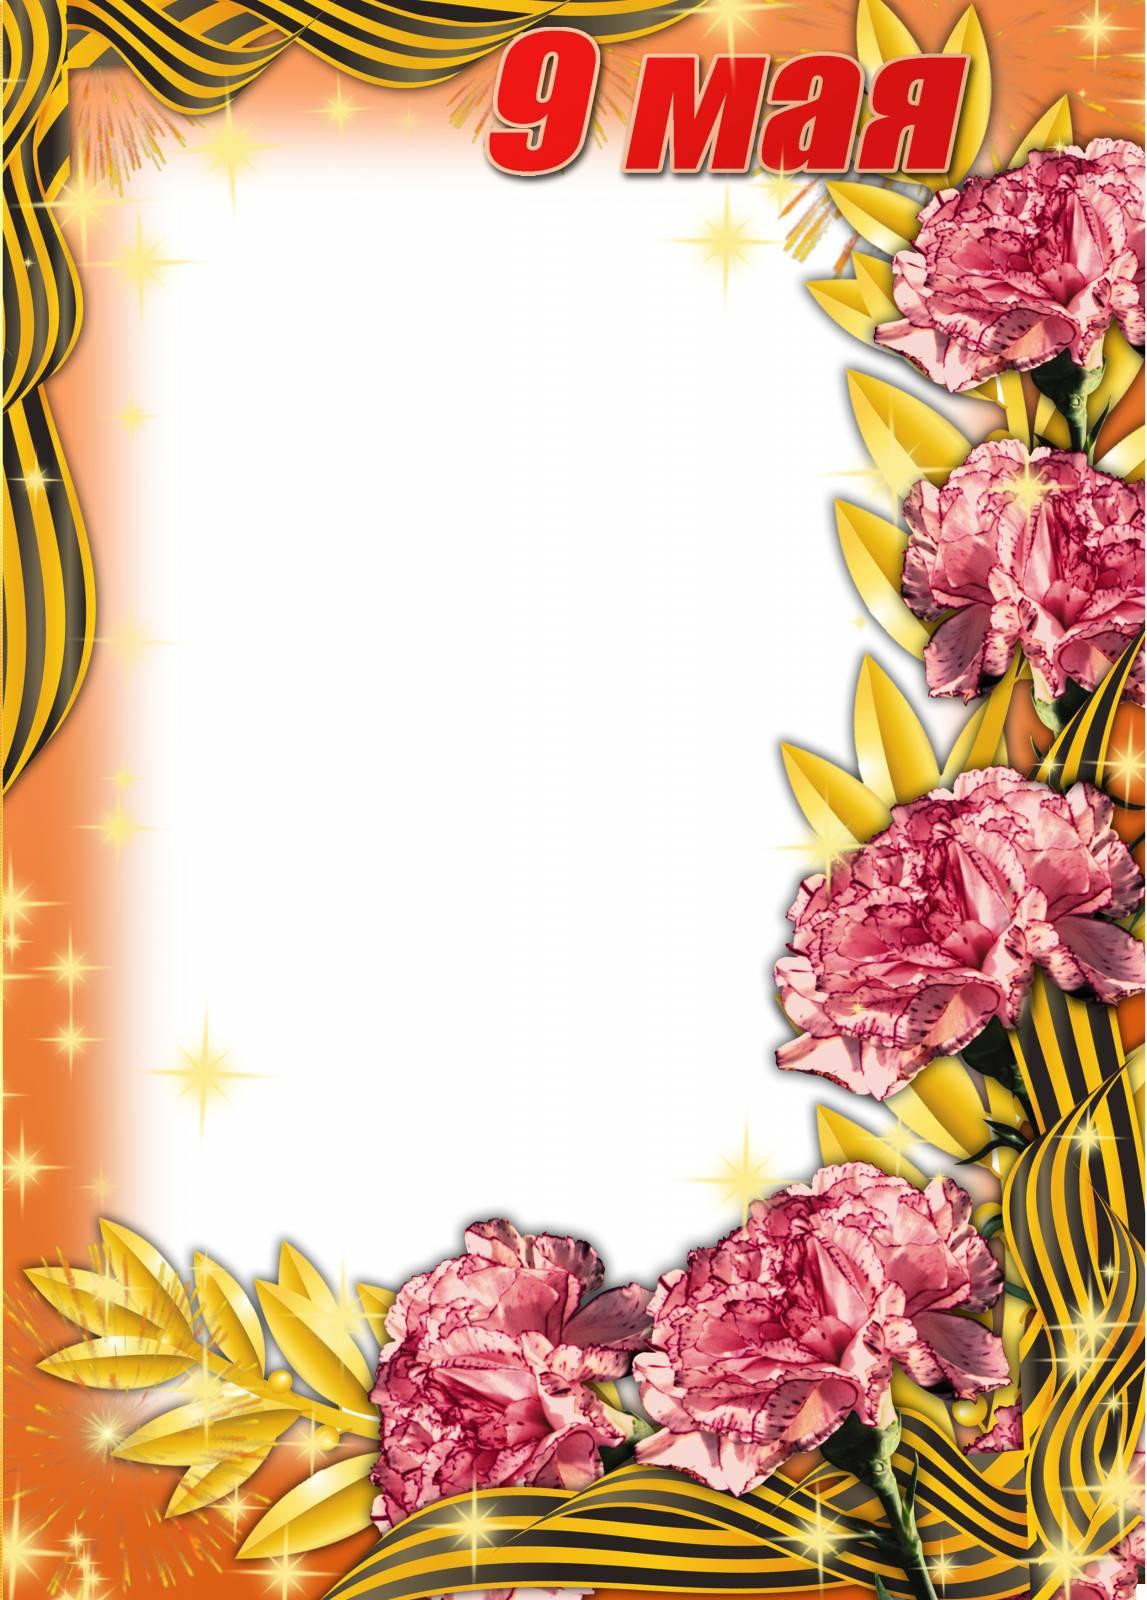 Новогодняя сделанная, открытка с днем победы шаблон